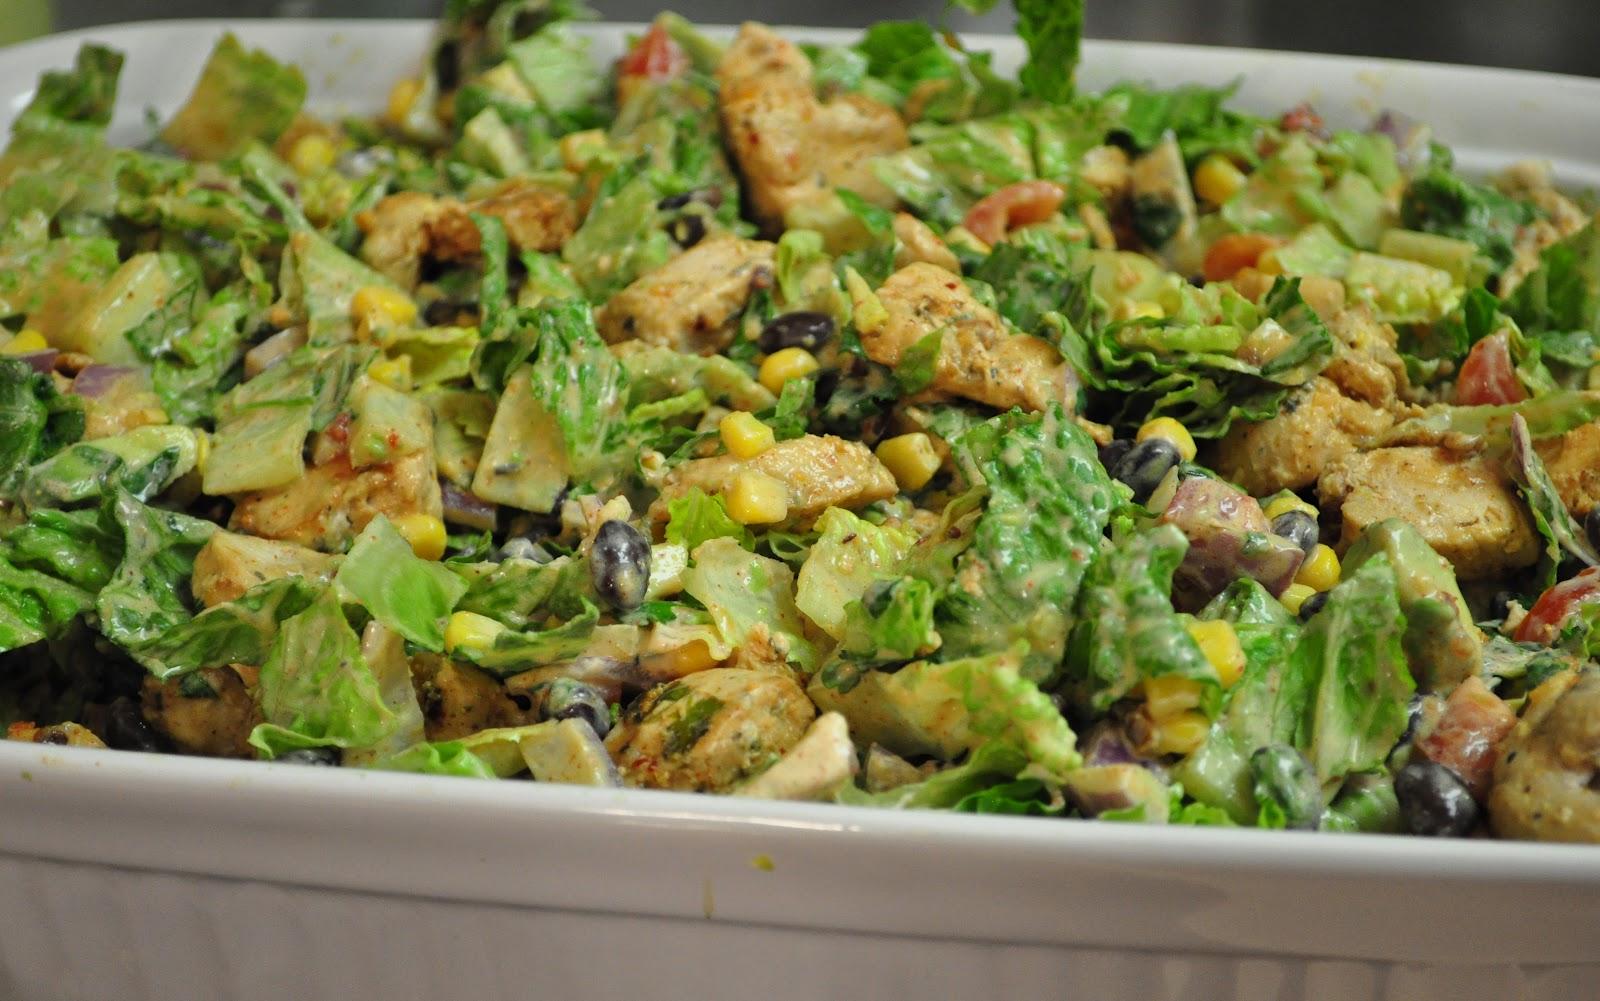 newlywed's kitchen: Chipotle Chicken Cajun Chicken Salad